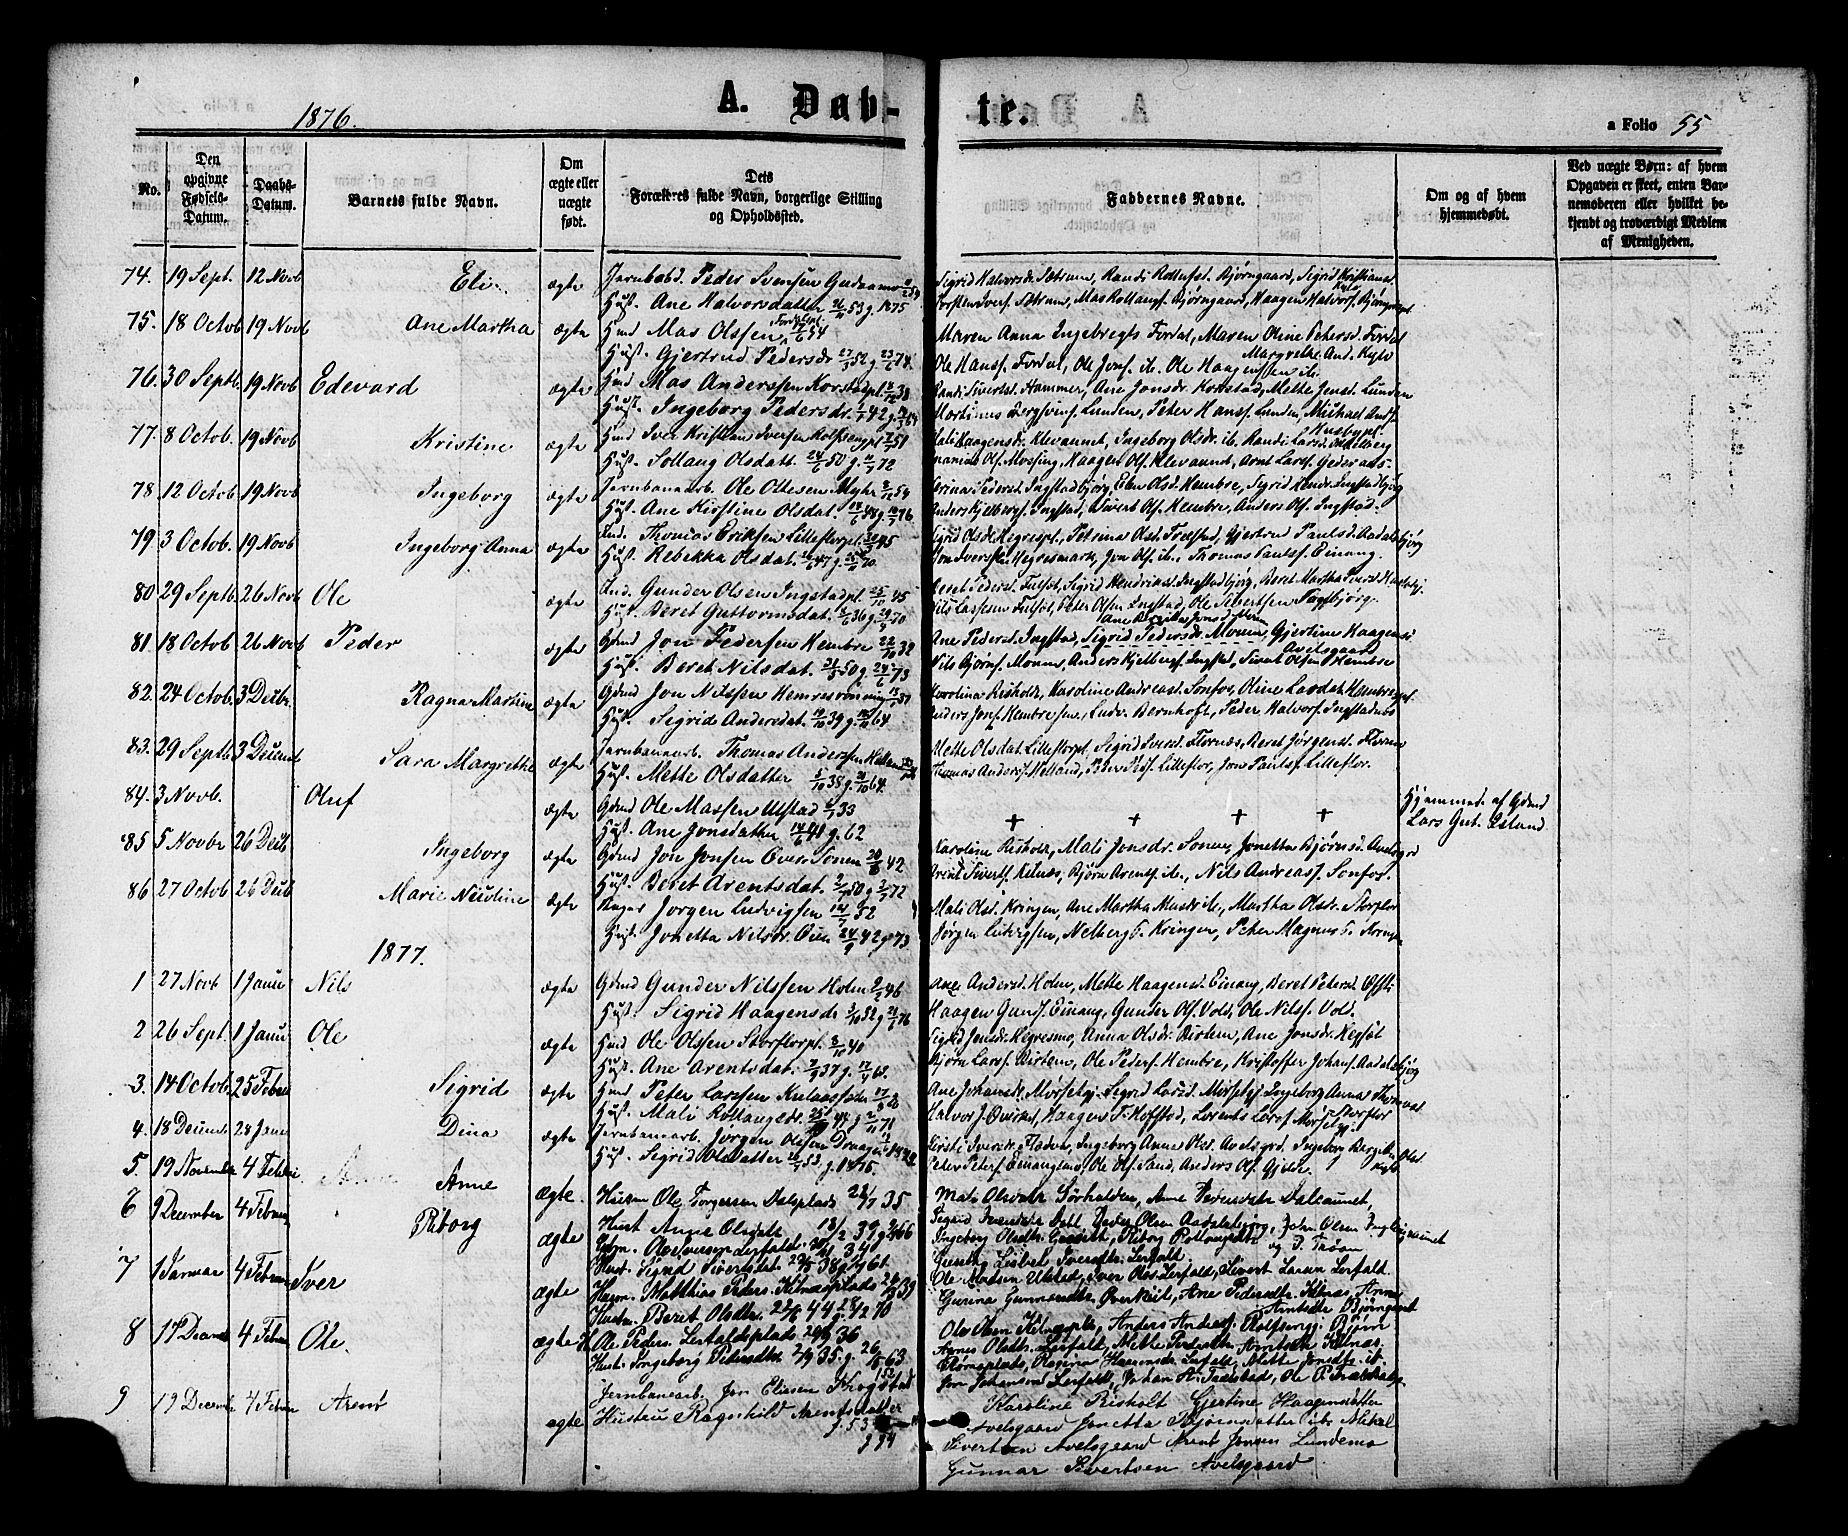 SAT, Ministerialprotokoller, klokkerbøker og fødselsregistre - Nord-Trøndelag, 703/L0029: Ministerialbok nr. 703A02, 1863-1879, s. 55